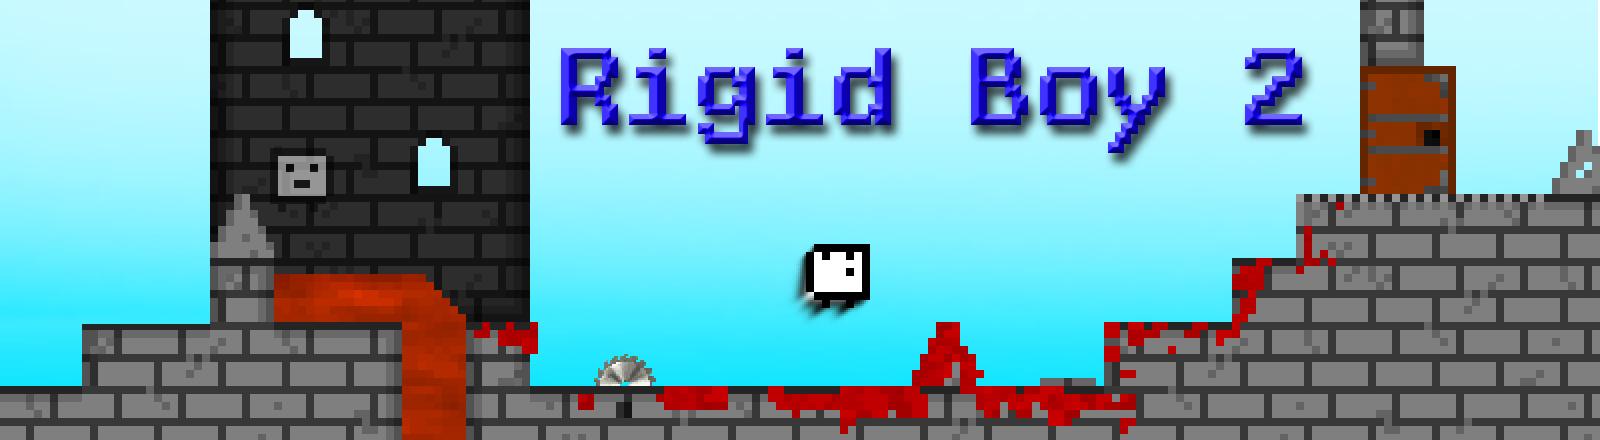 Rigid Boy 2